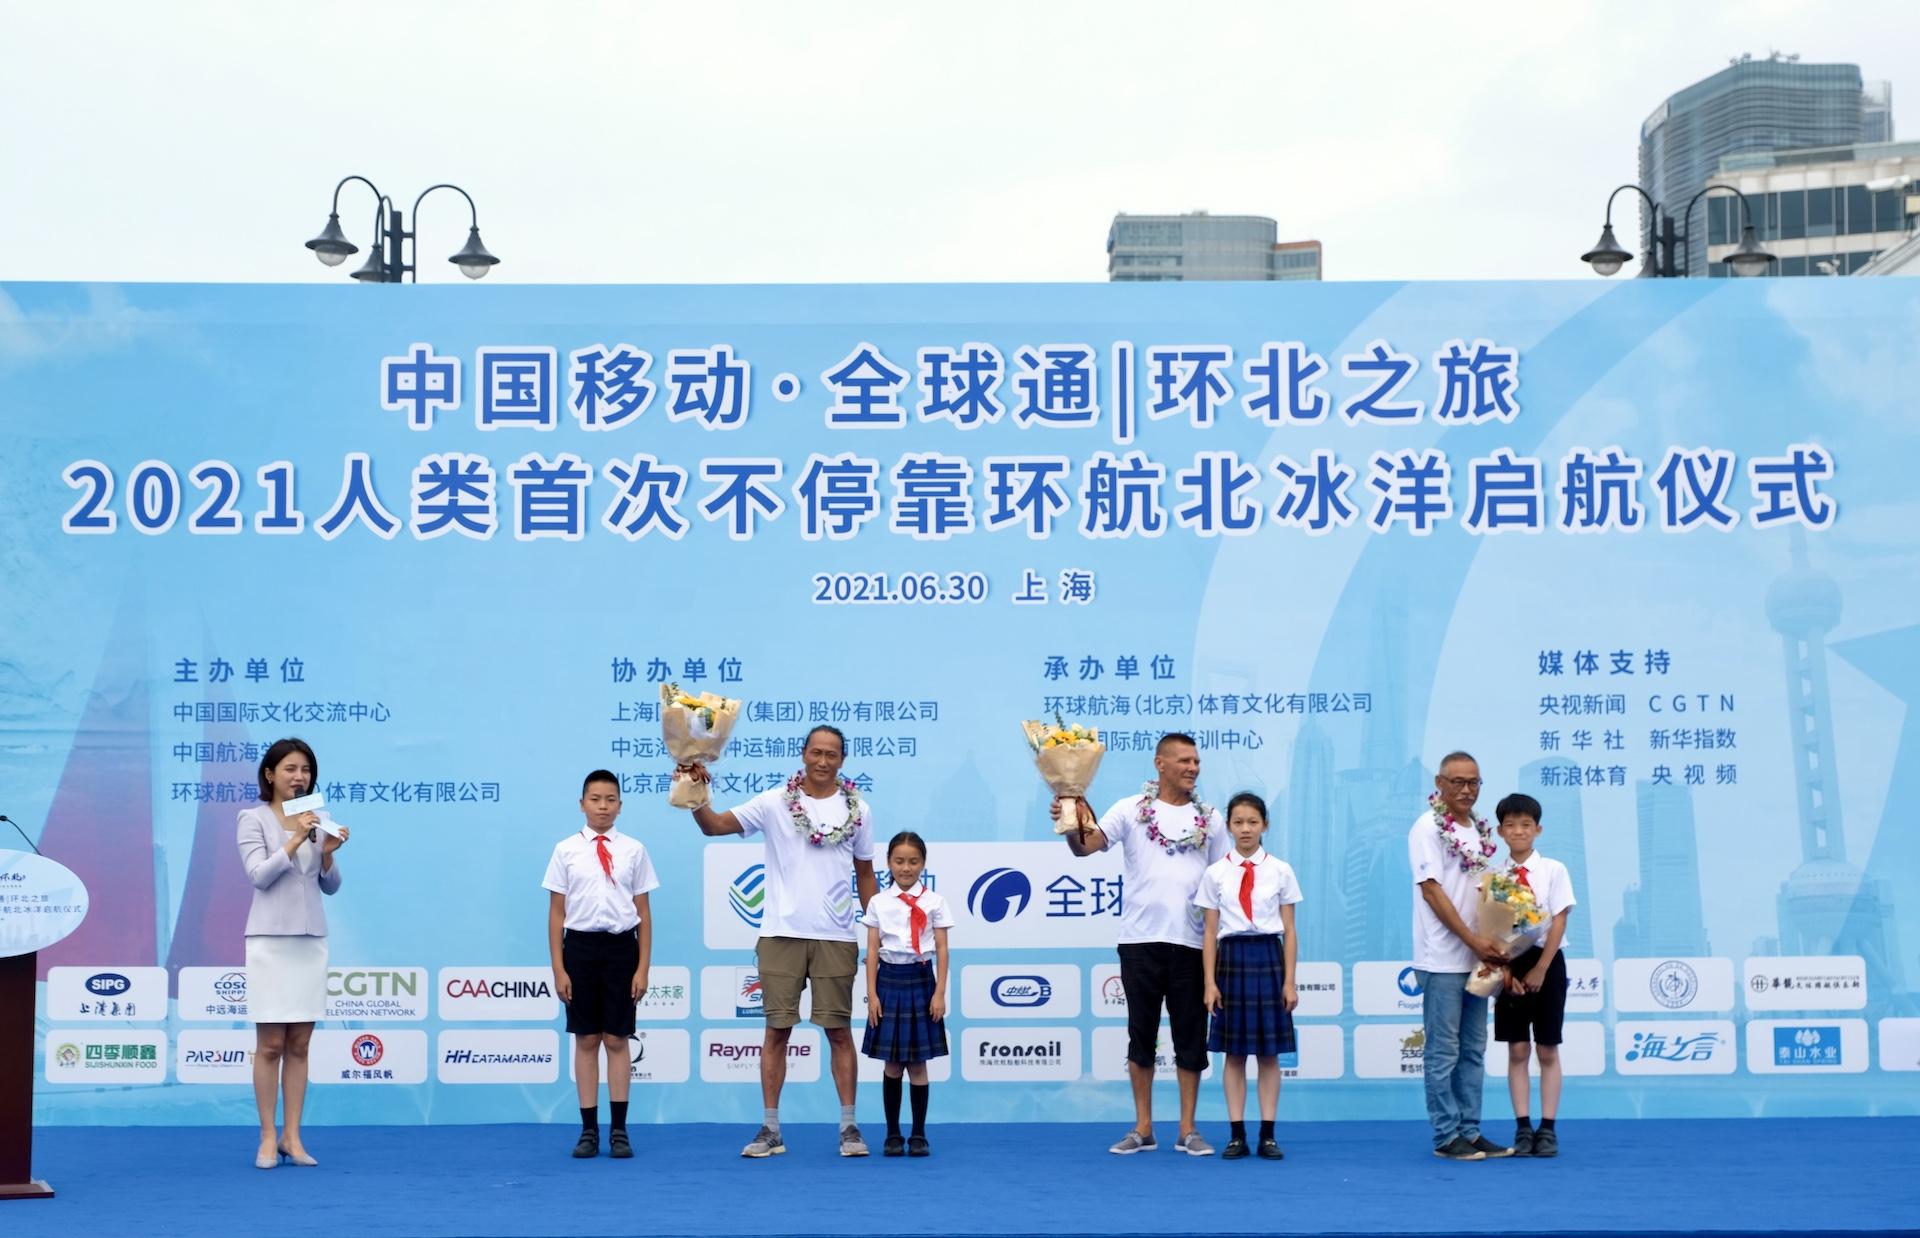 践行新时代航海精神 中国移动全球通号环航北冰洋之旅扬帆启航